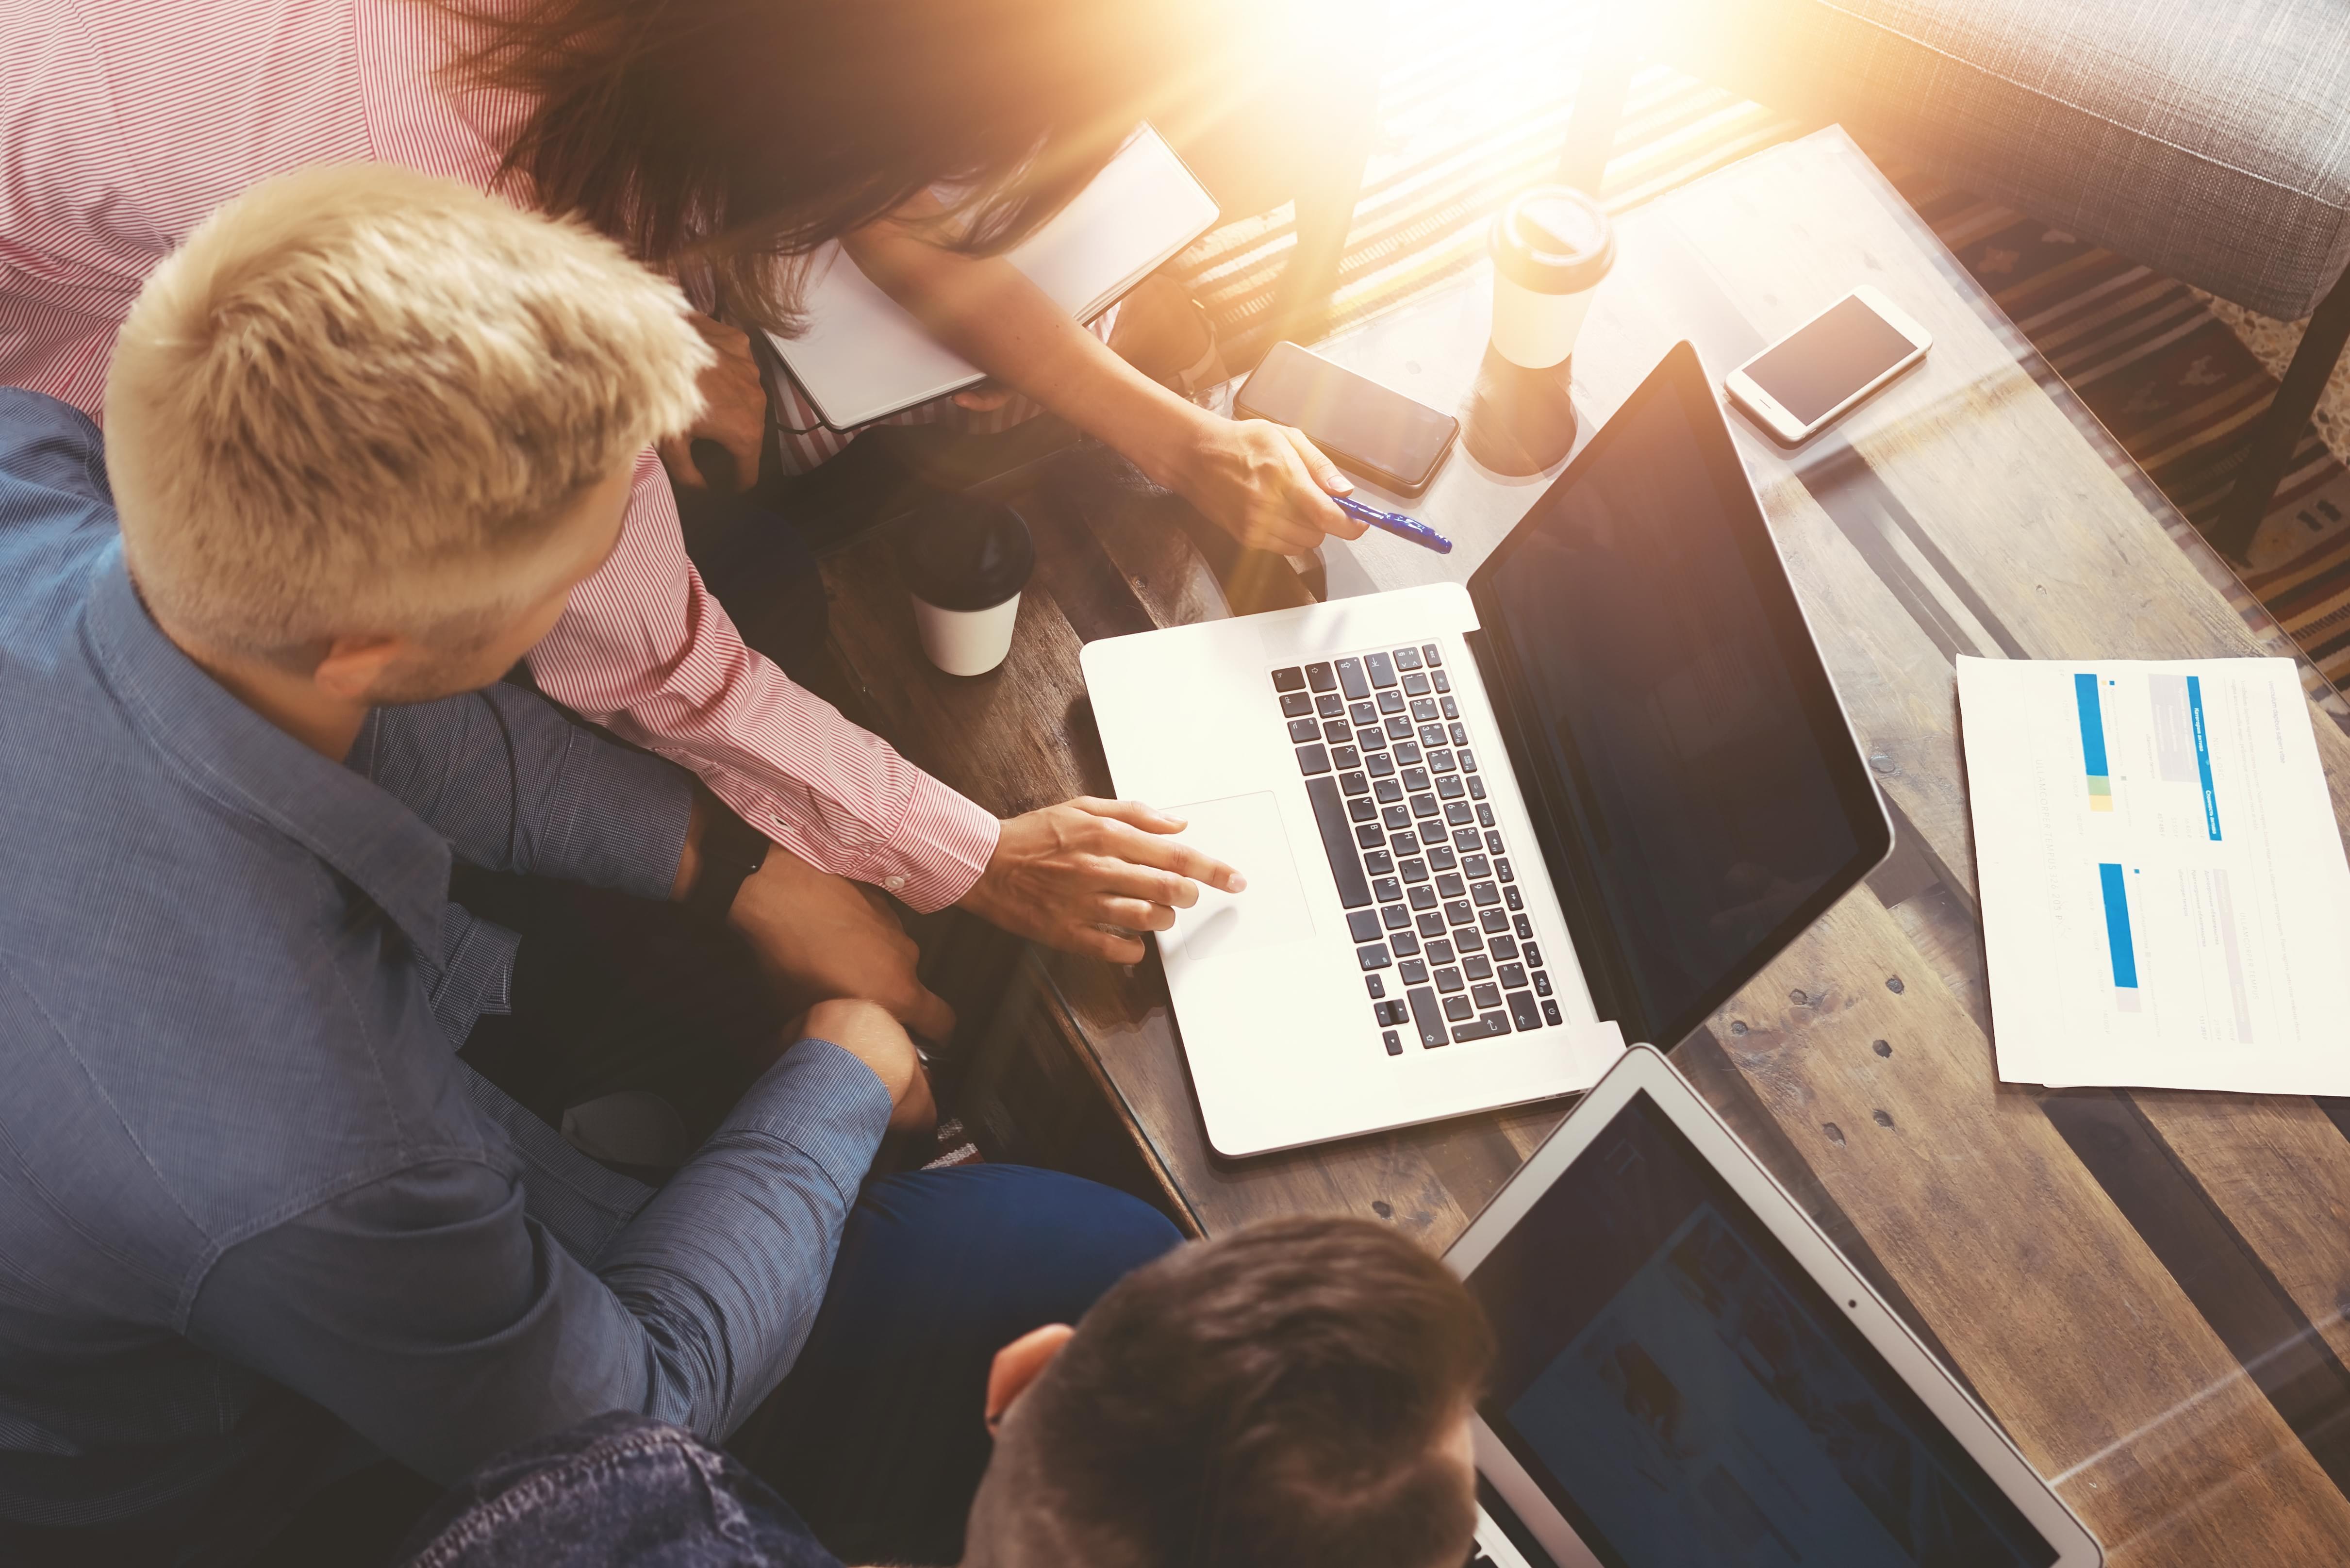 Mensurar seus resultados é fundamental para acerta na gestão de redes sociais